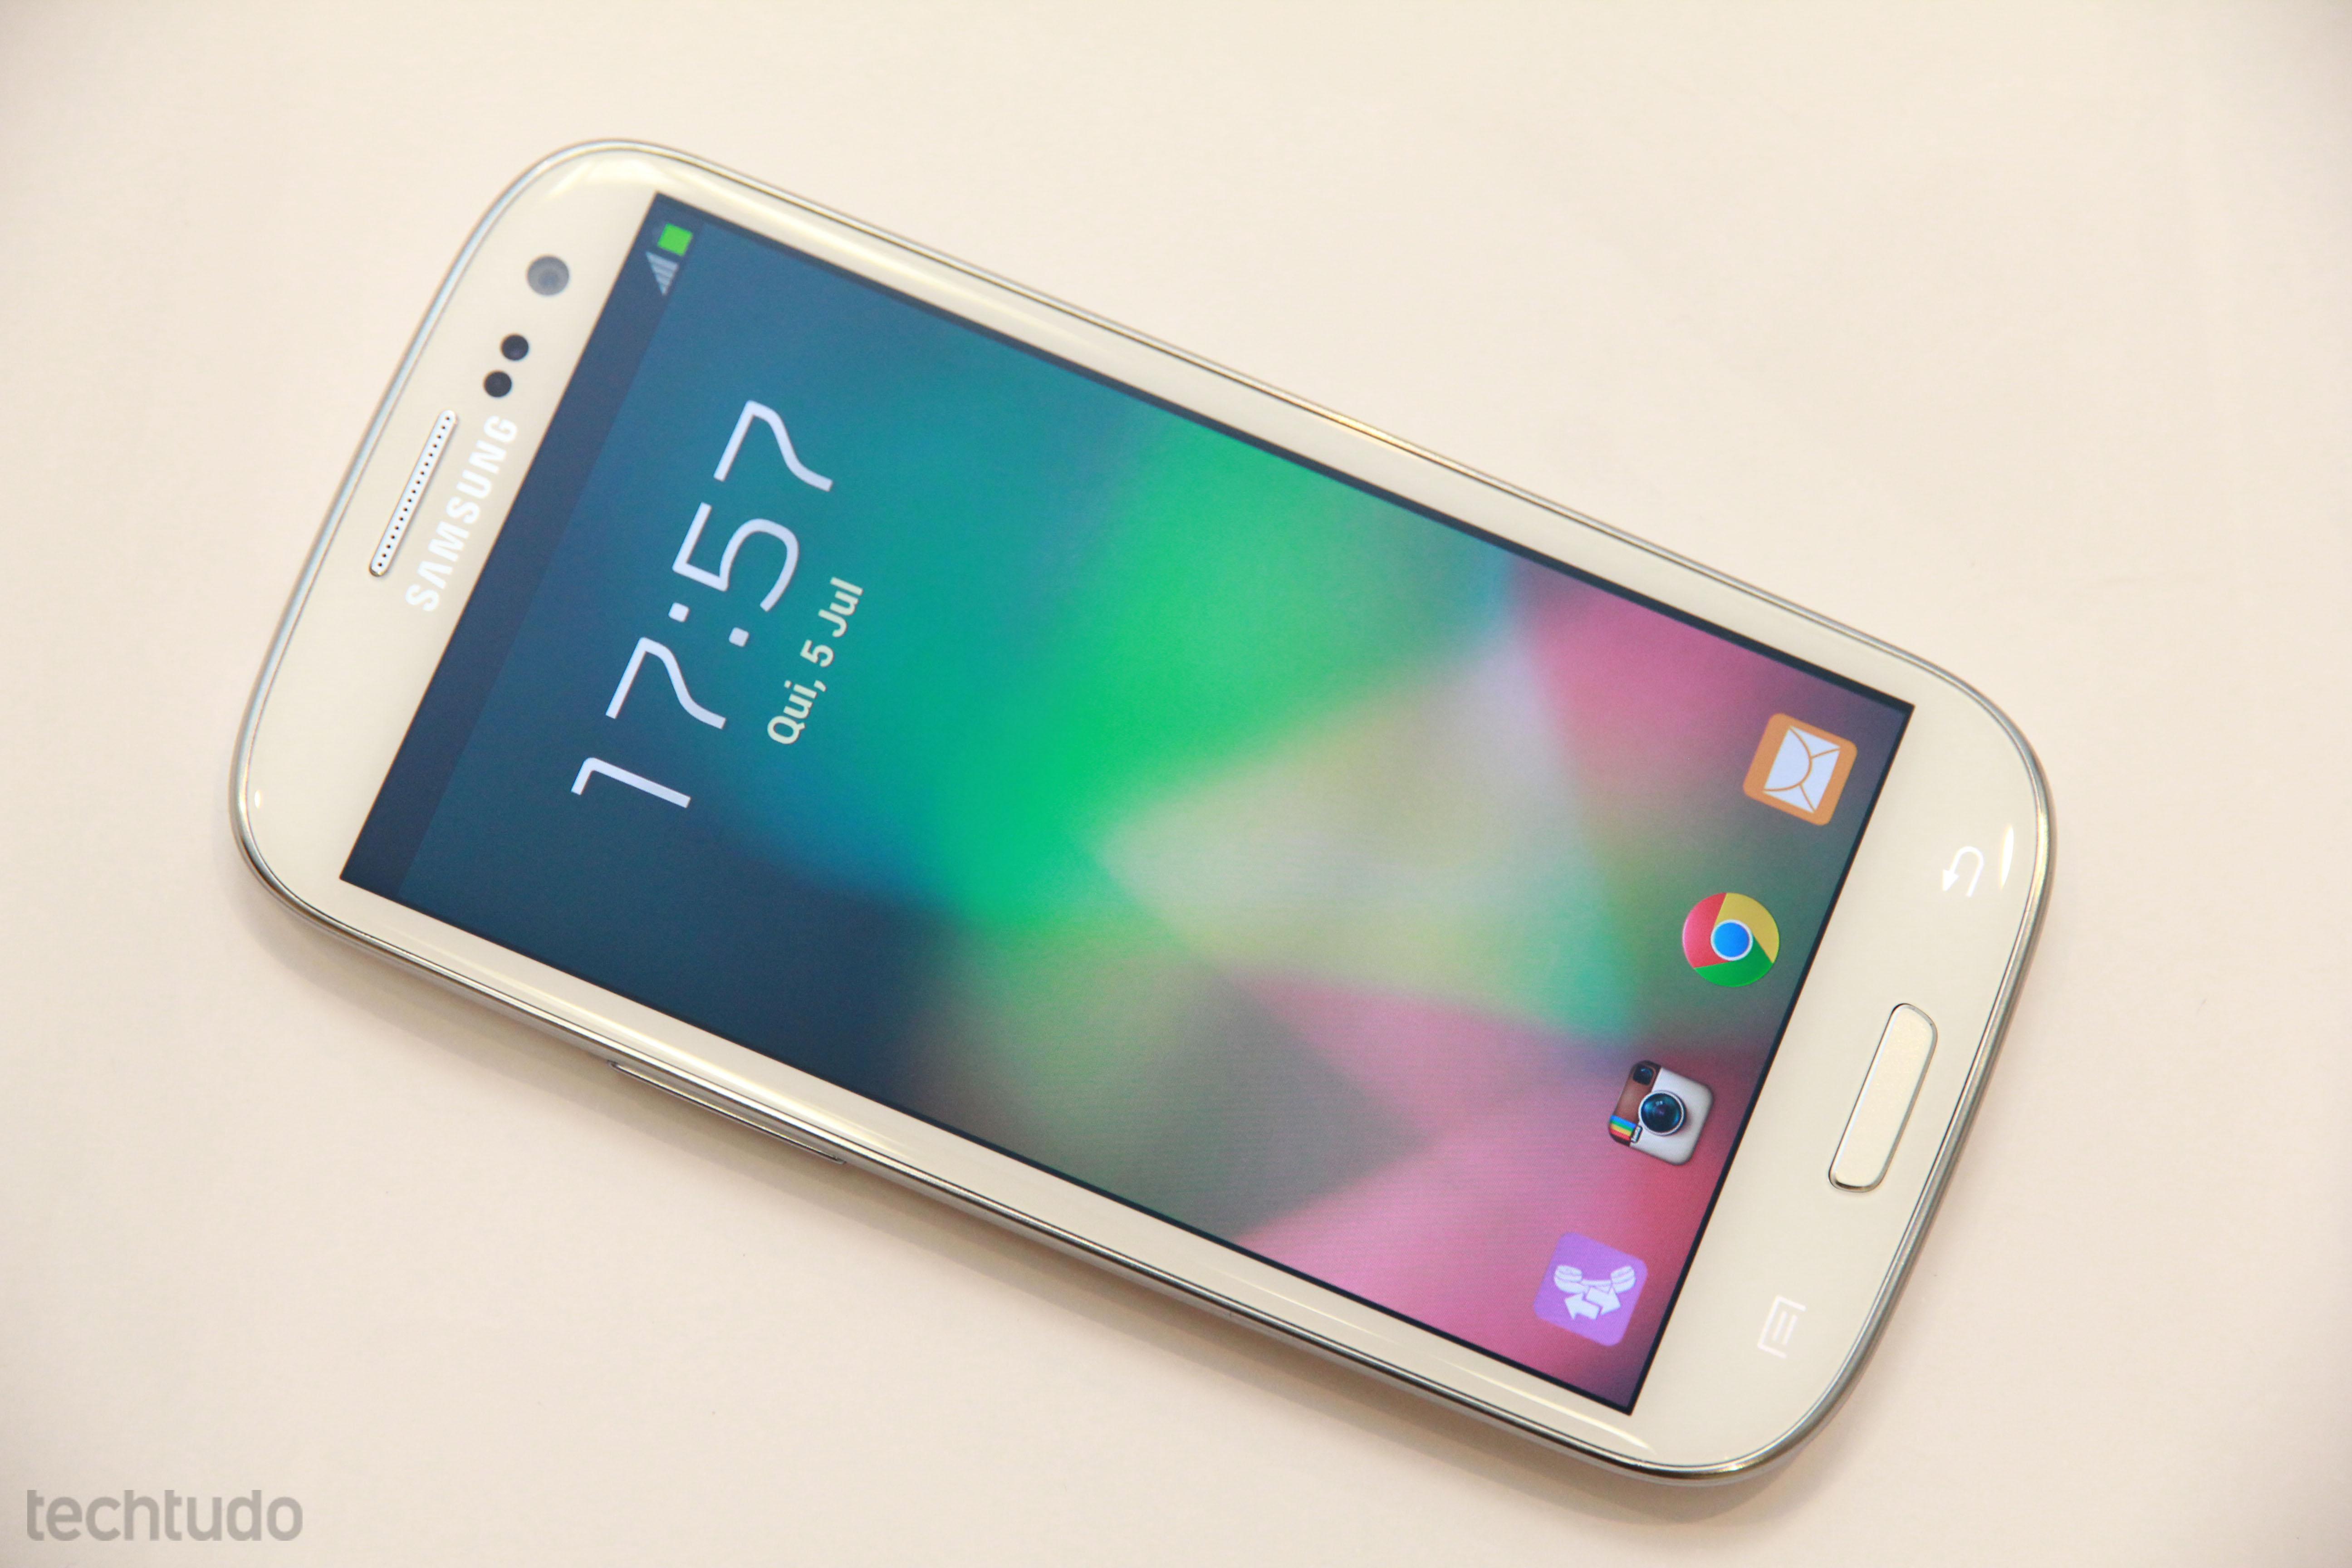 Samsung Galaxy S III (Foto: TechTudo/Allan Melo)